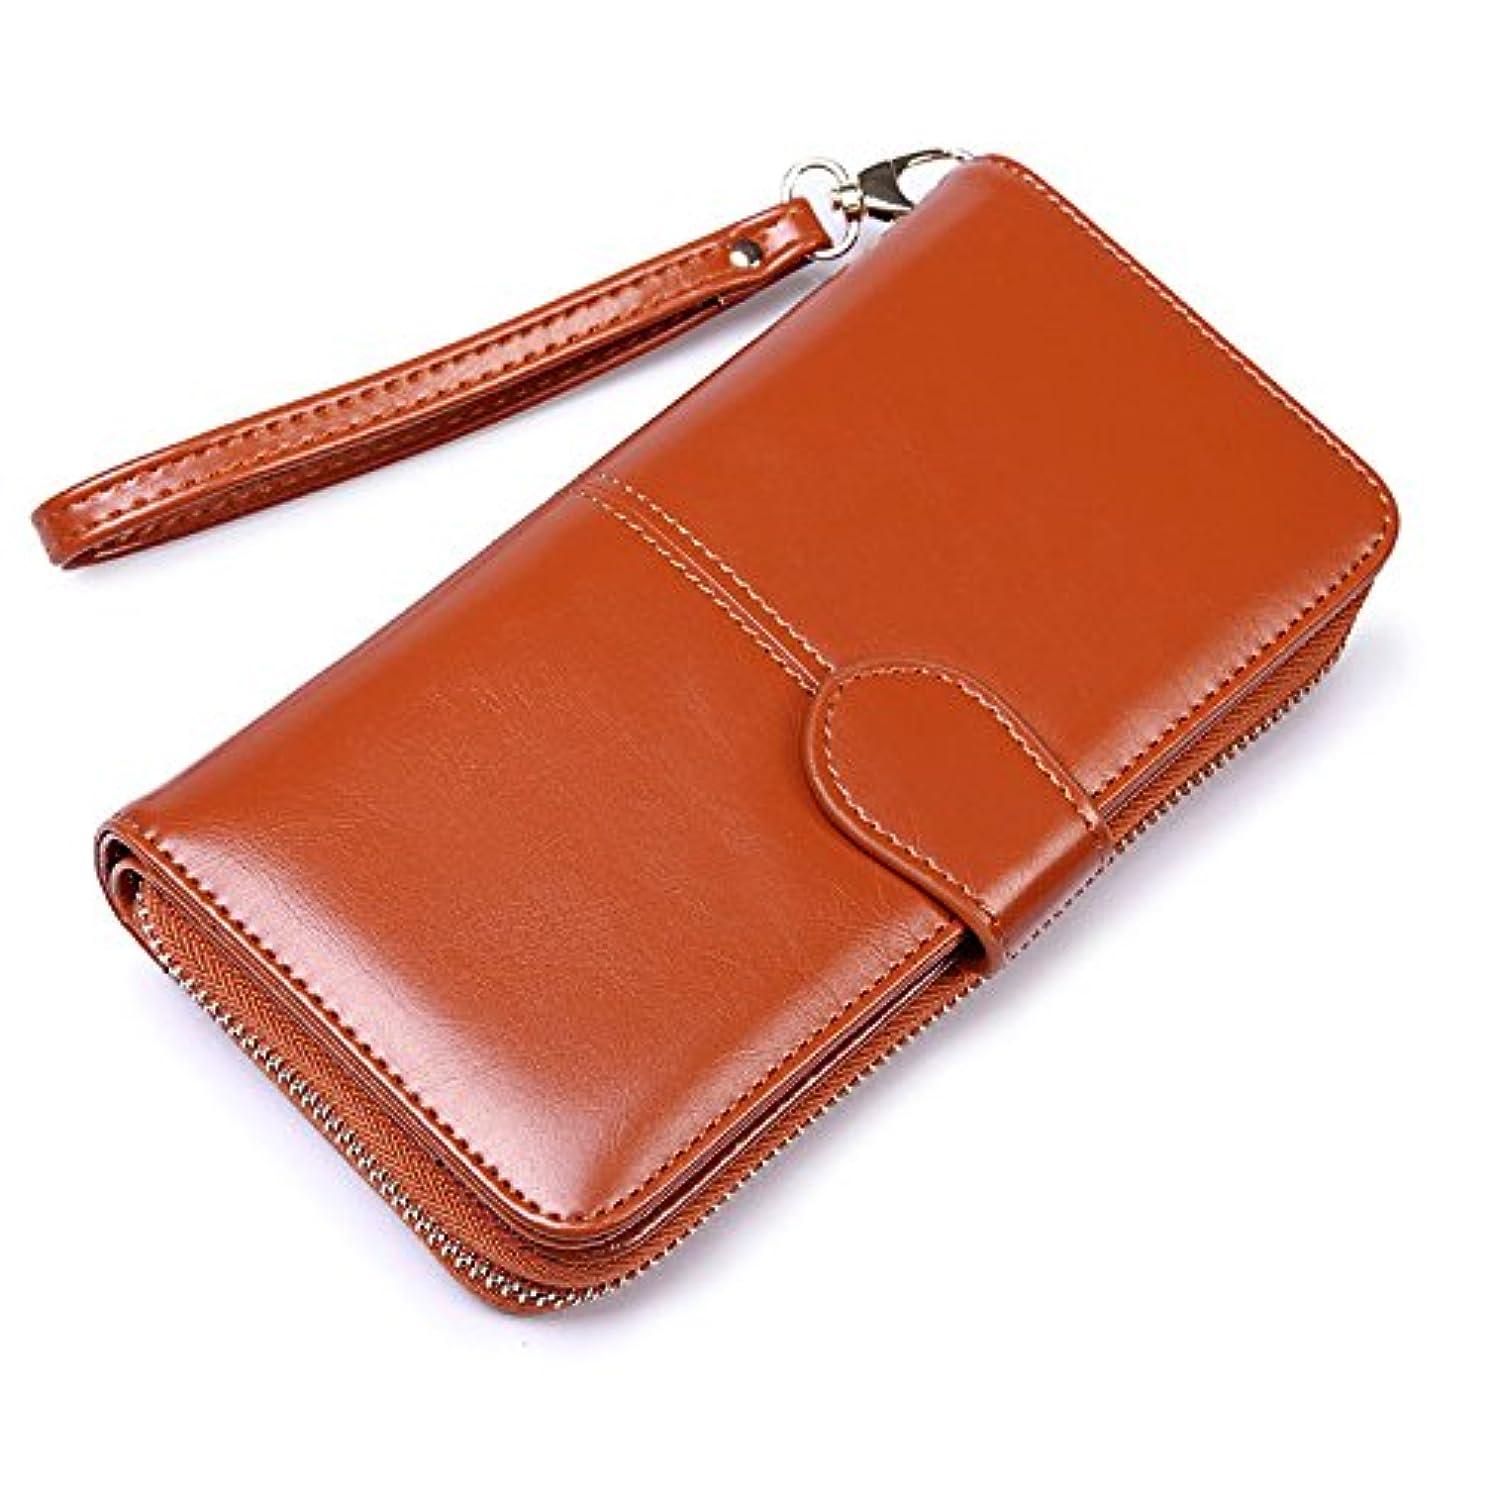 ボイコット無しマーキー[テンカ]レディース 長財布 二つ折り 財布 大容量 おしゃれ カード入れ 多機能 ウォレット PU ストラップ付き 使いやすい 小銭入れ プレゼント